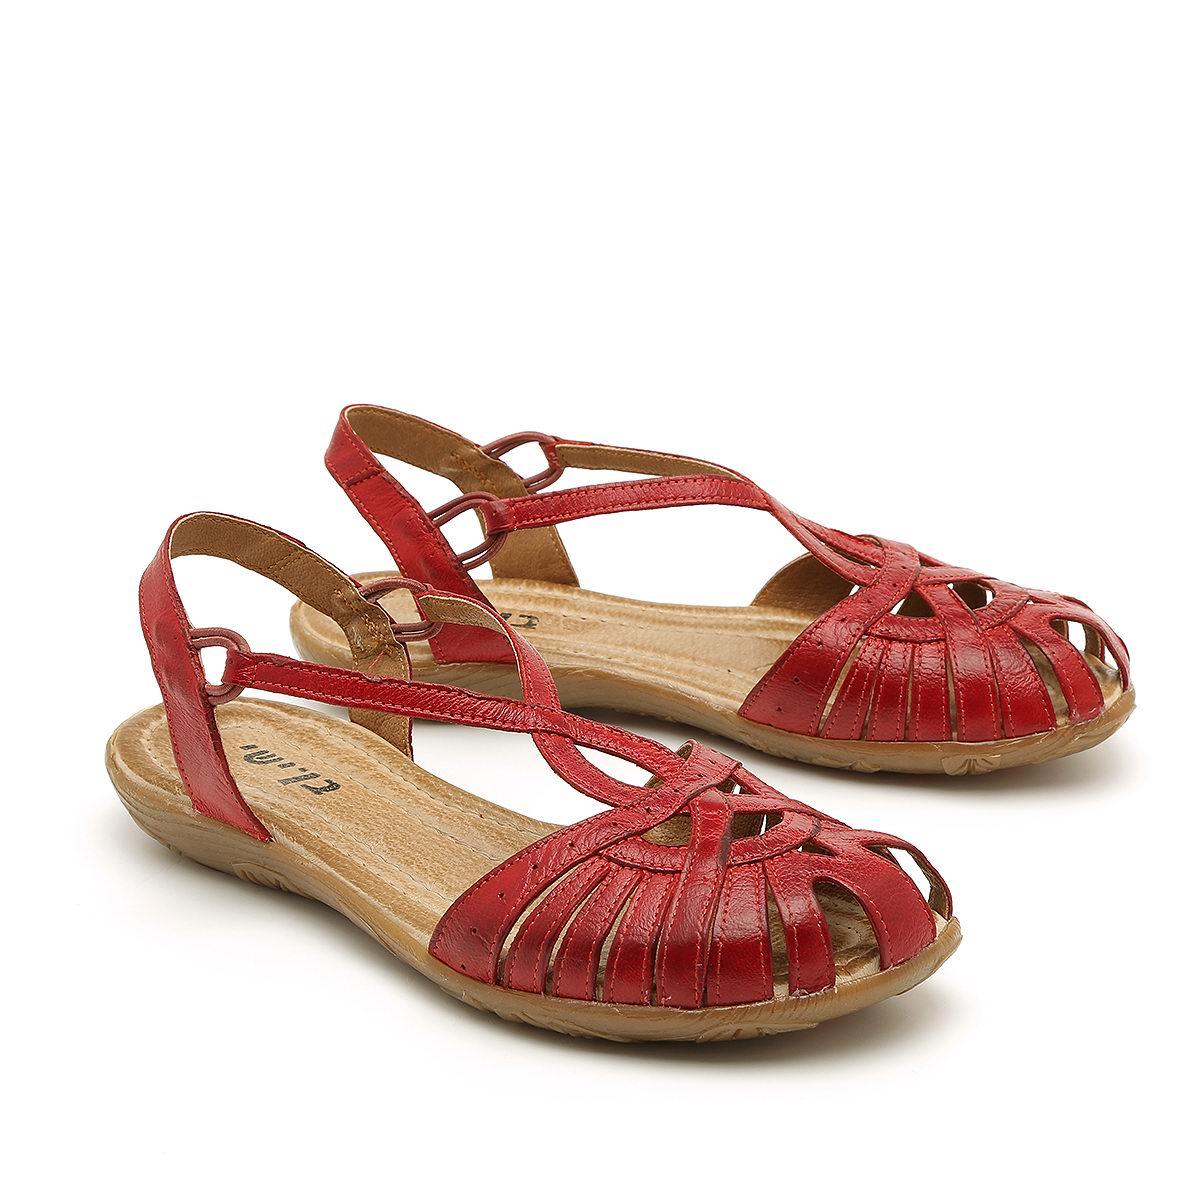 דגם טארה: סנדלים לנשים